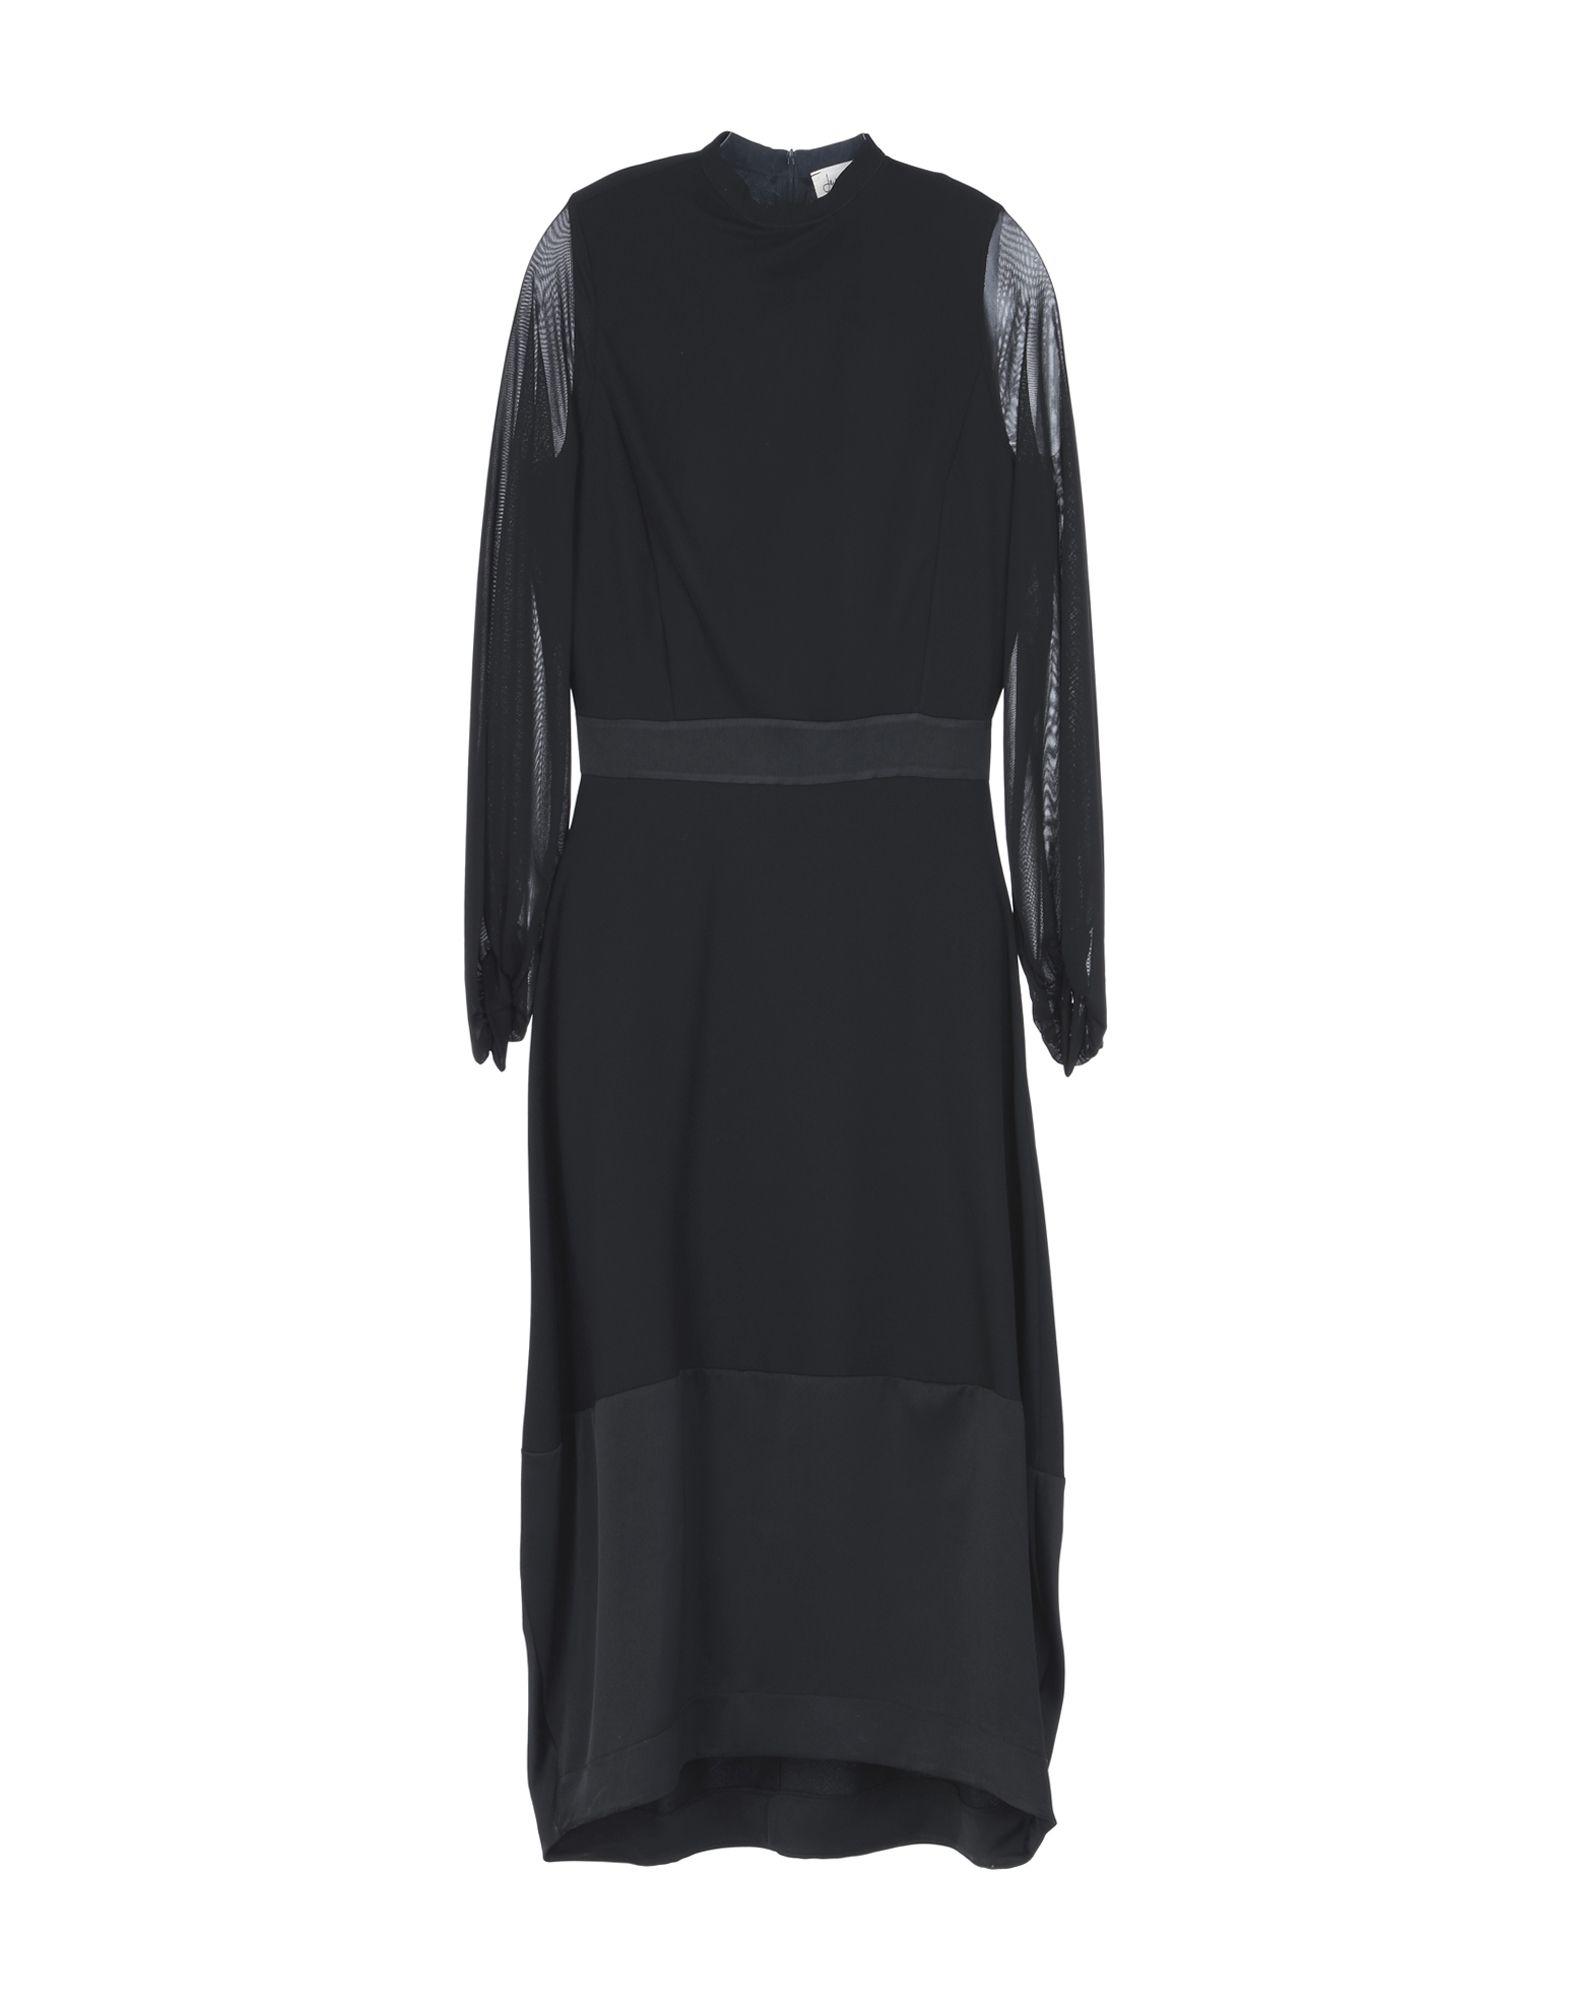 JE SUIS LE FLEUR Платье длиной 3/4 бюстгальтер 3 штуки quelle petite fleur 569484